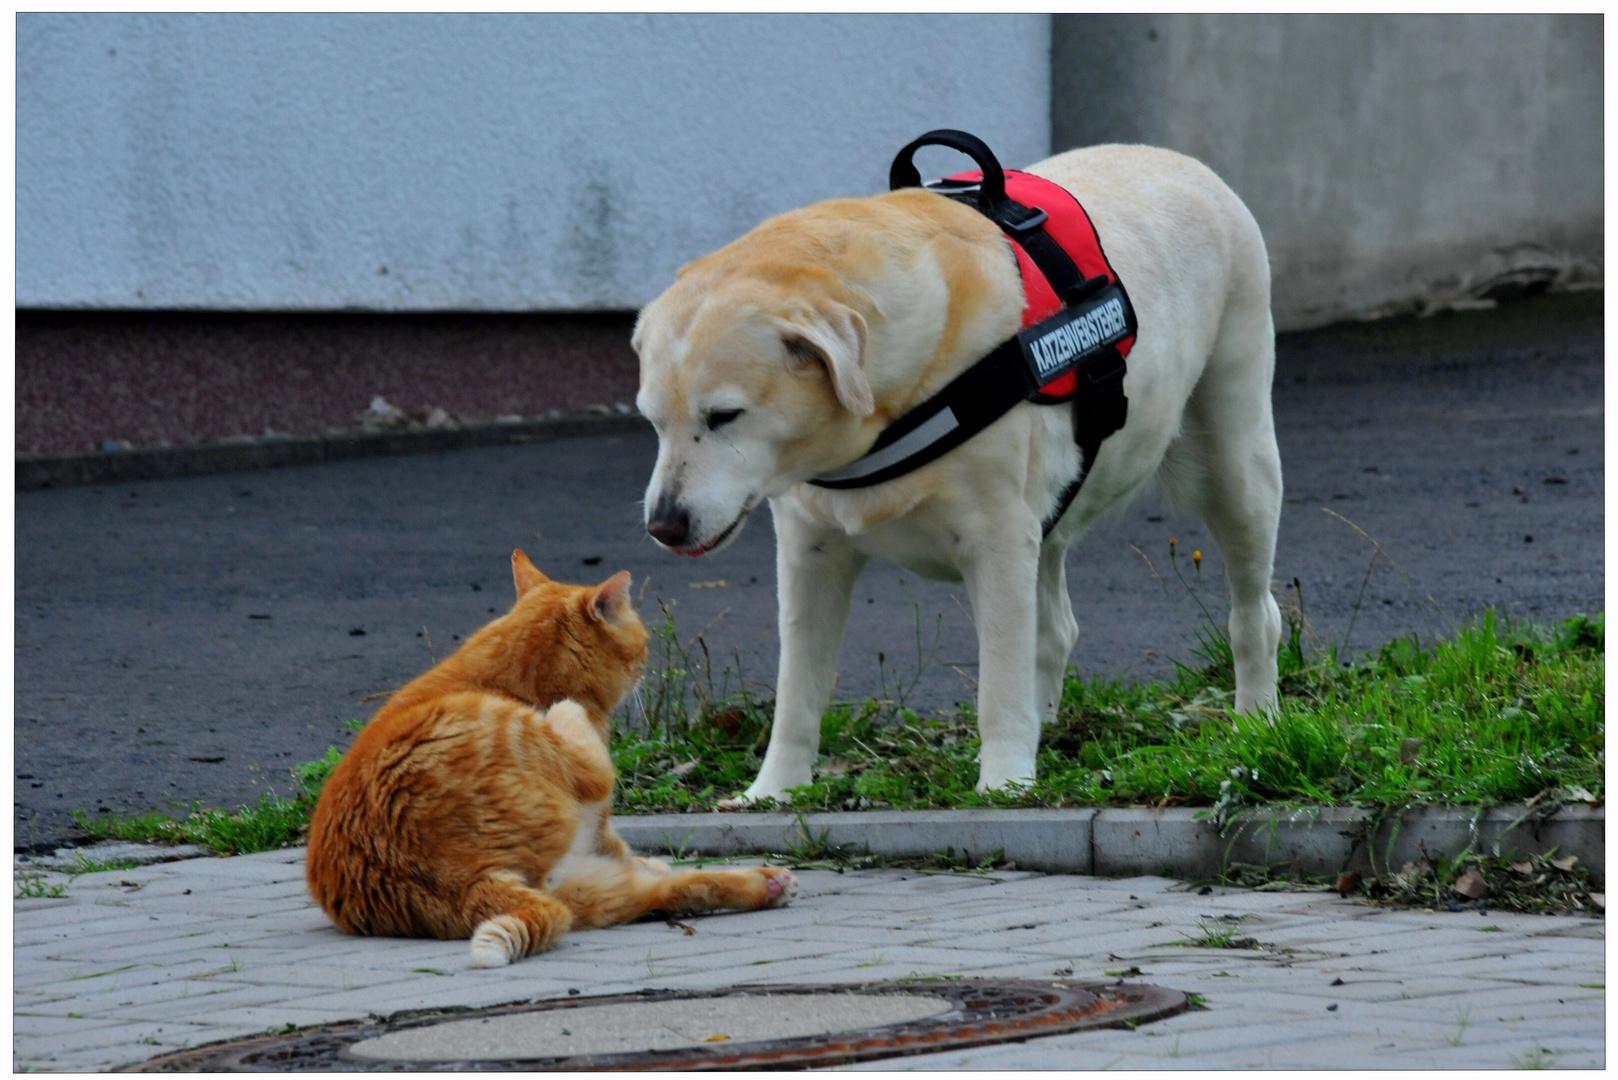 dos inseparables amigos (zwei unzertrennliche Freunde)